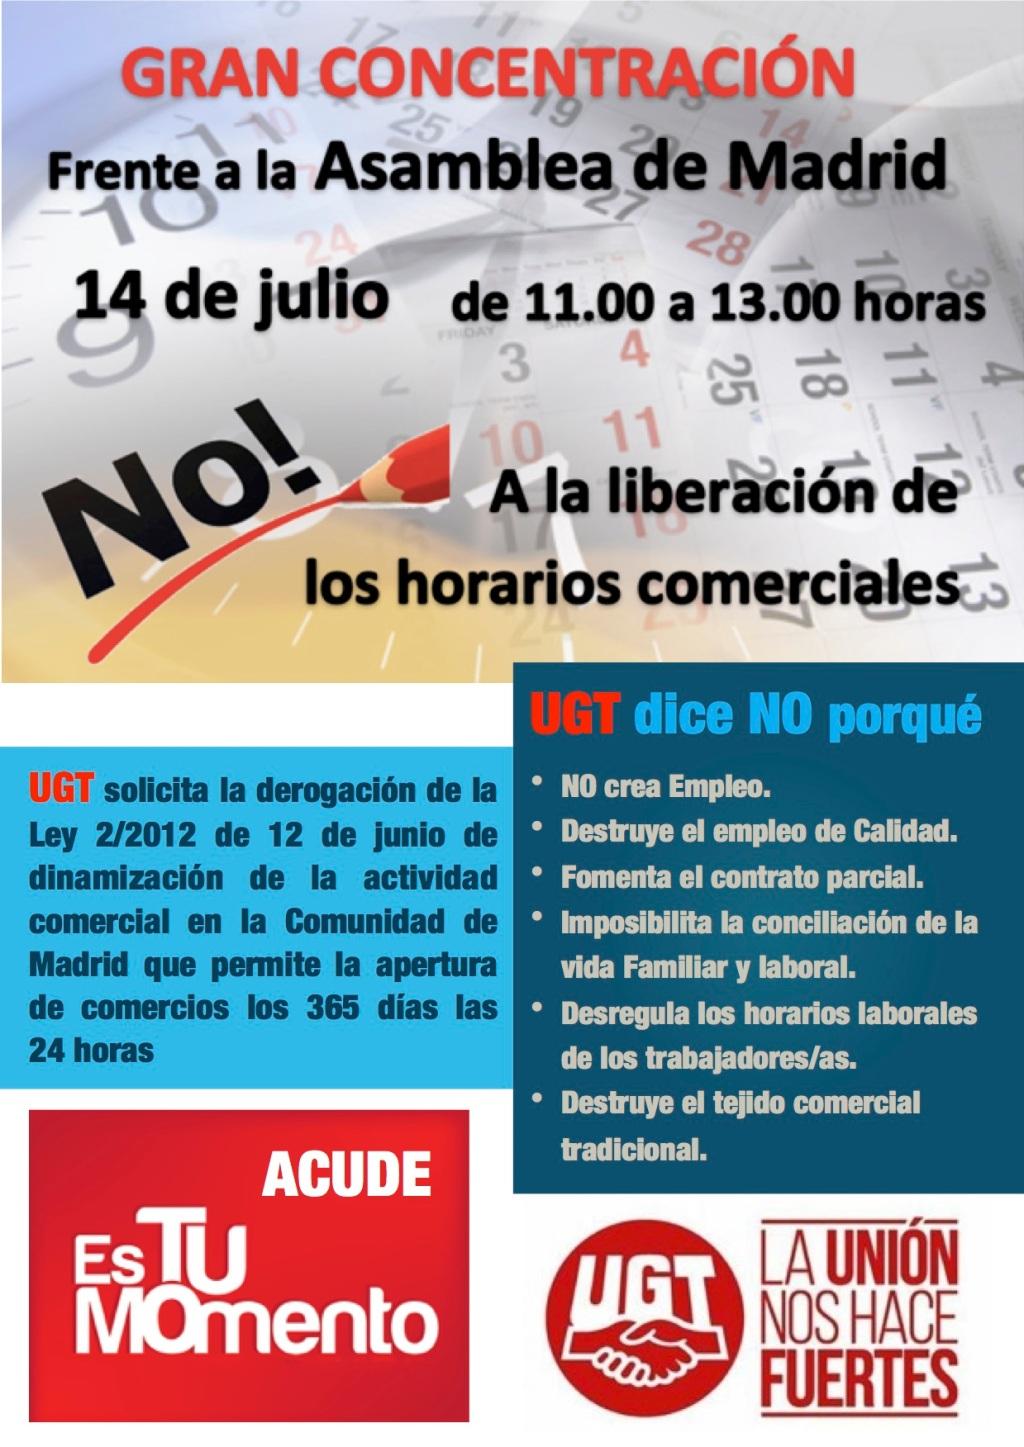 UGT convoca una concentración contra la apertura comercial de los domingos y festivos